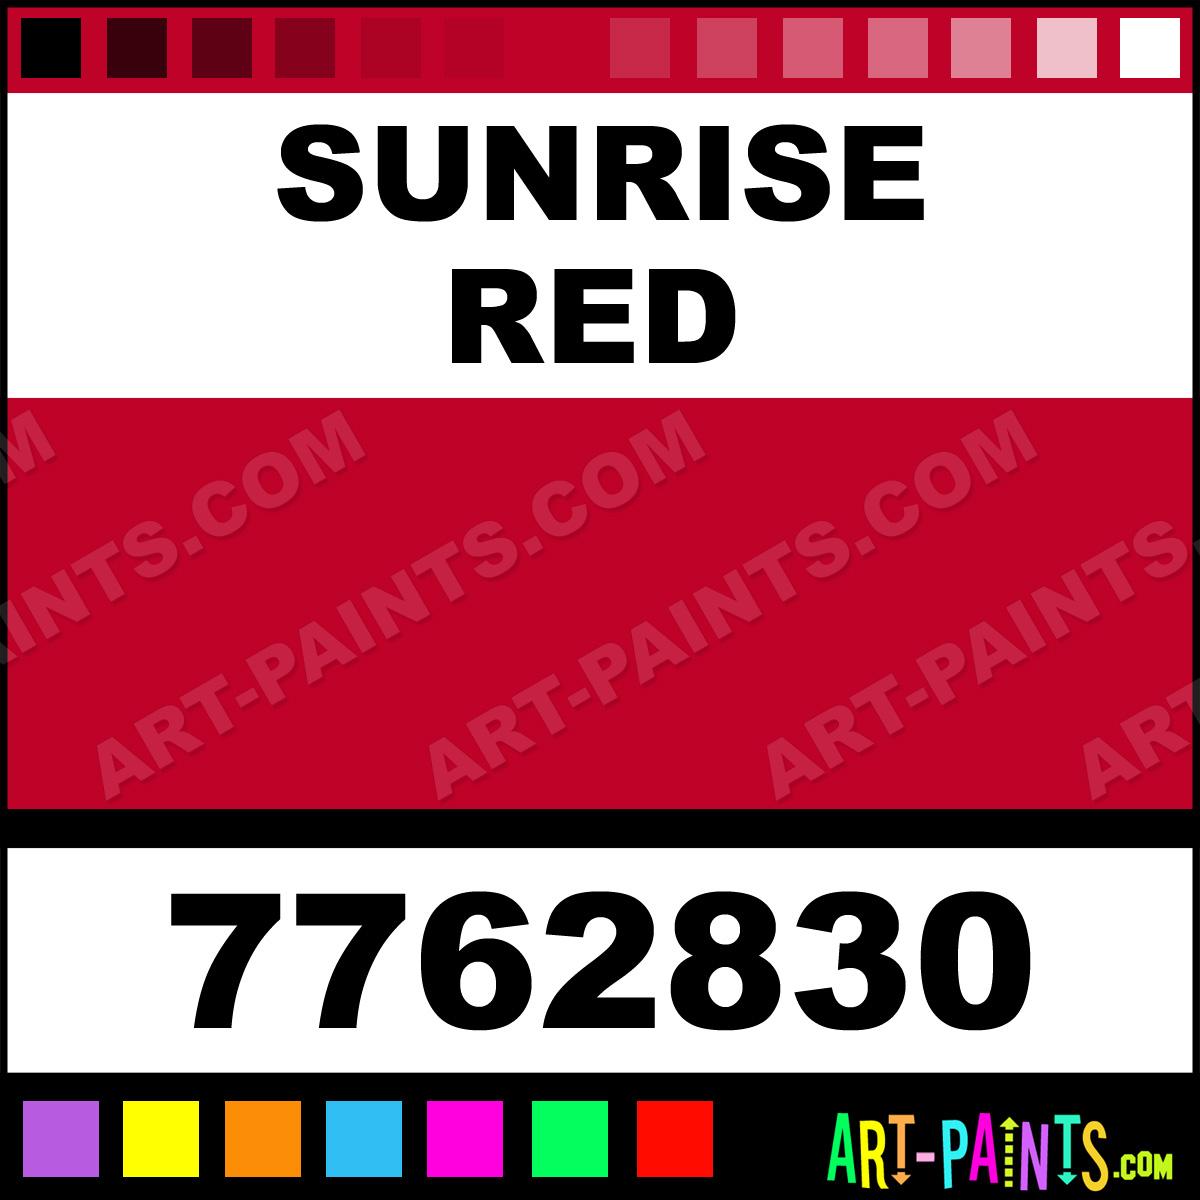 rustoleum paint color chartSunrise Red Gloss Spray Enamel Paints  7762830  Sunrise Red